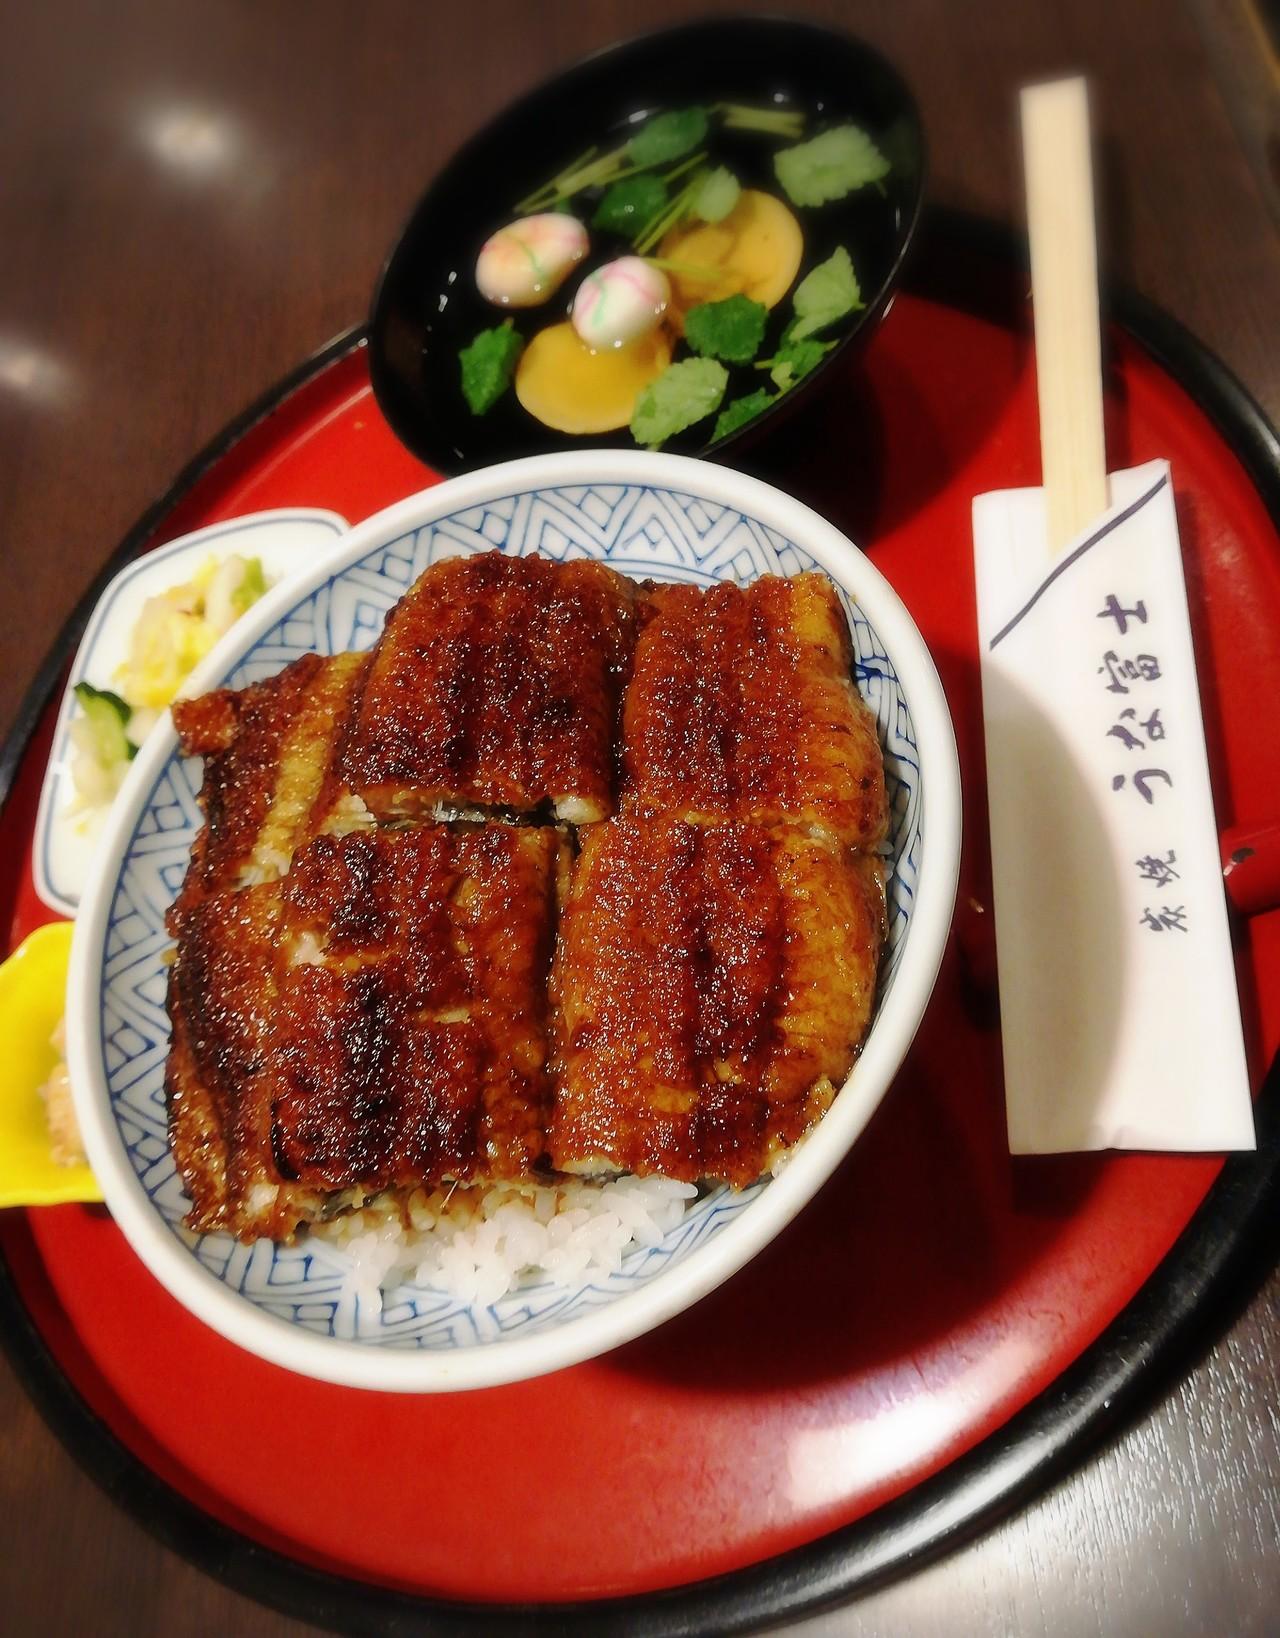 関西風と関東風の中間的なうなぎの蒲焼きが良い感じのうな丼。